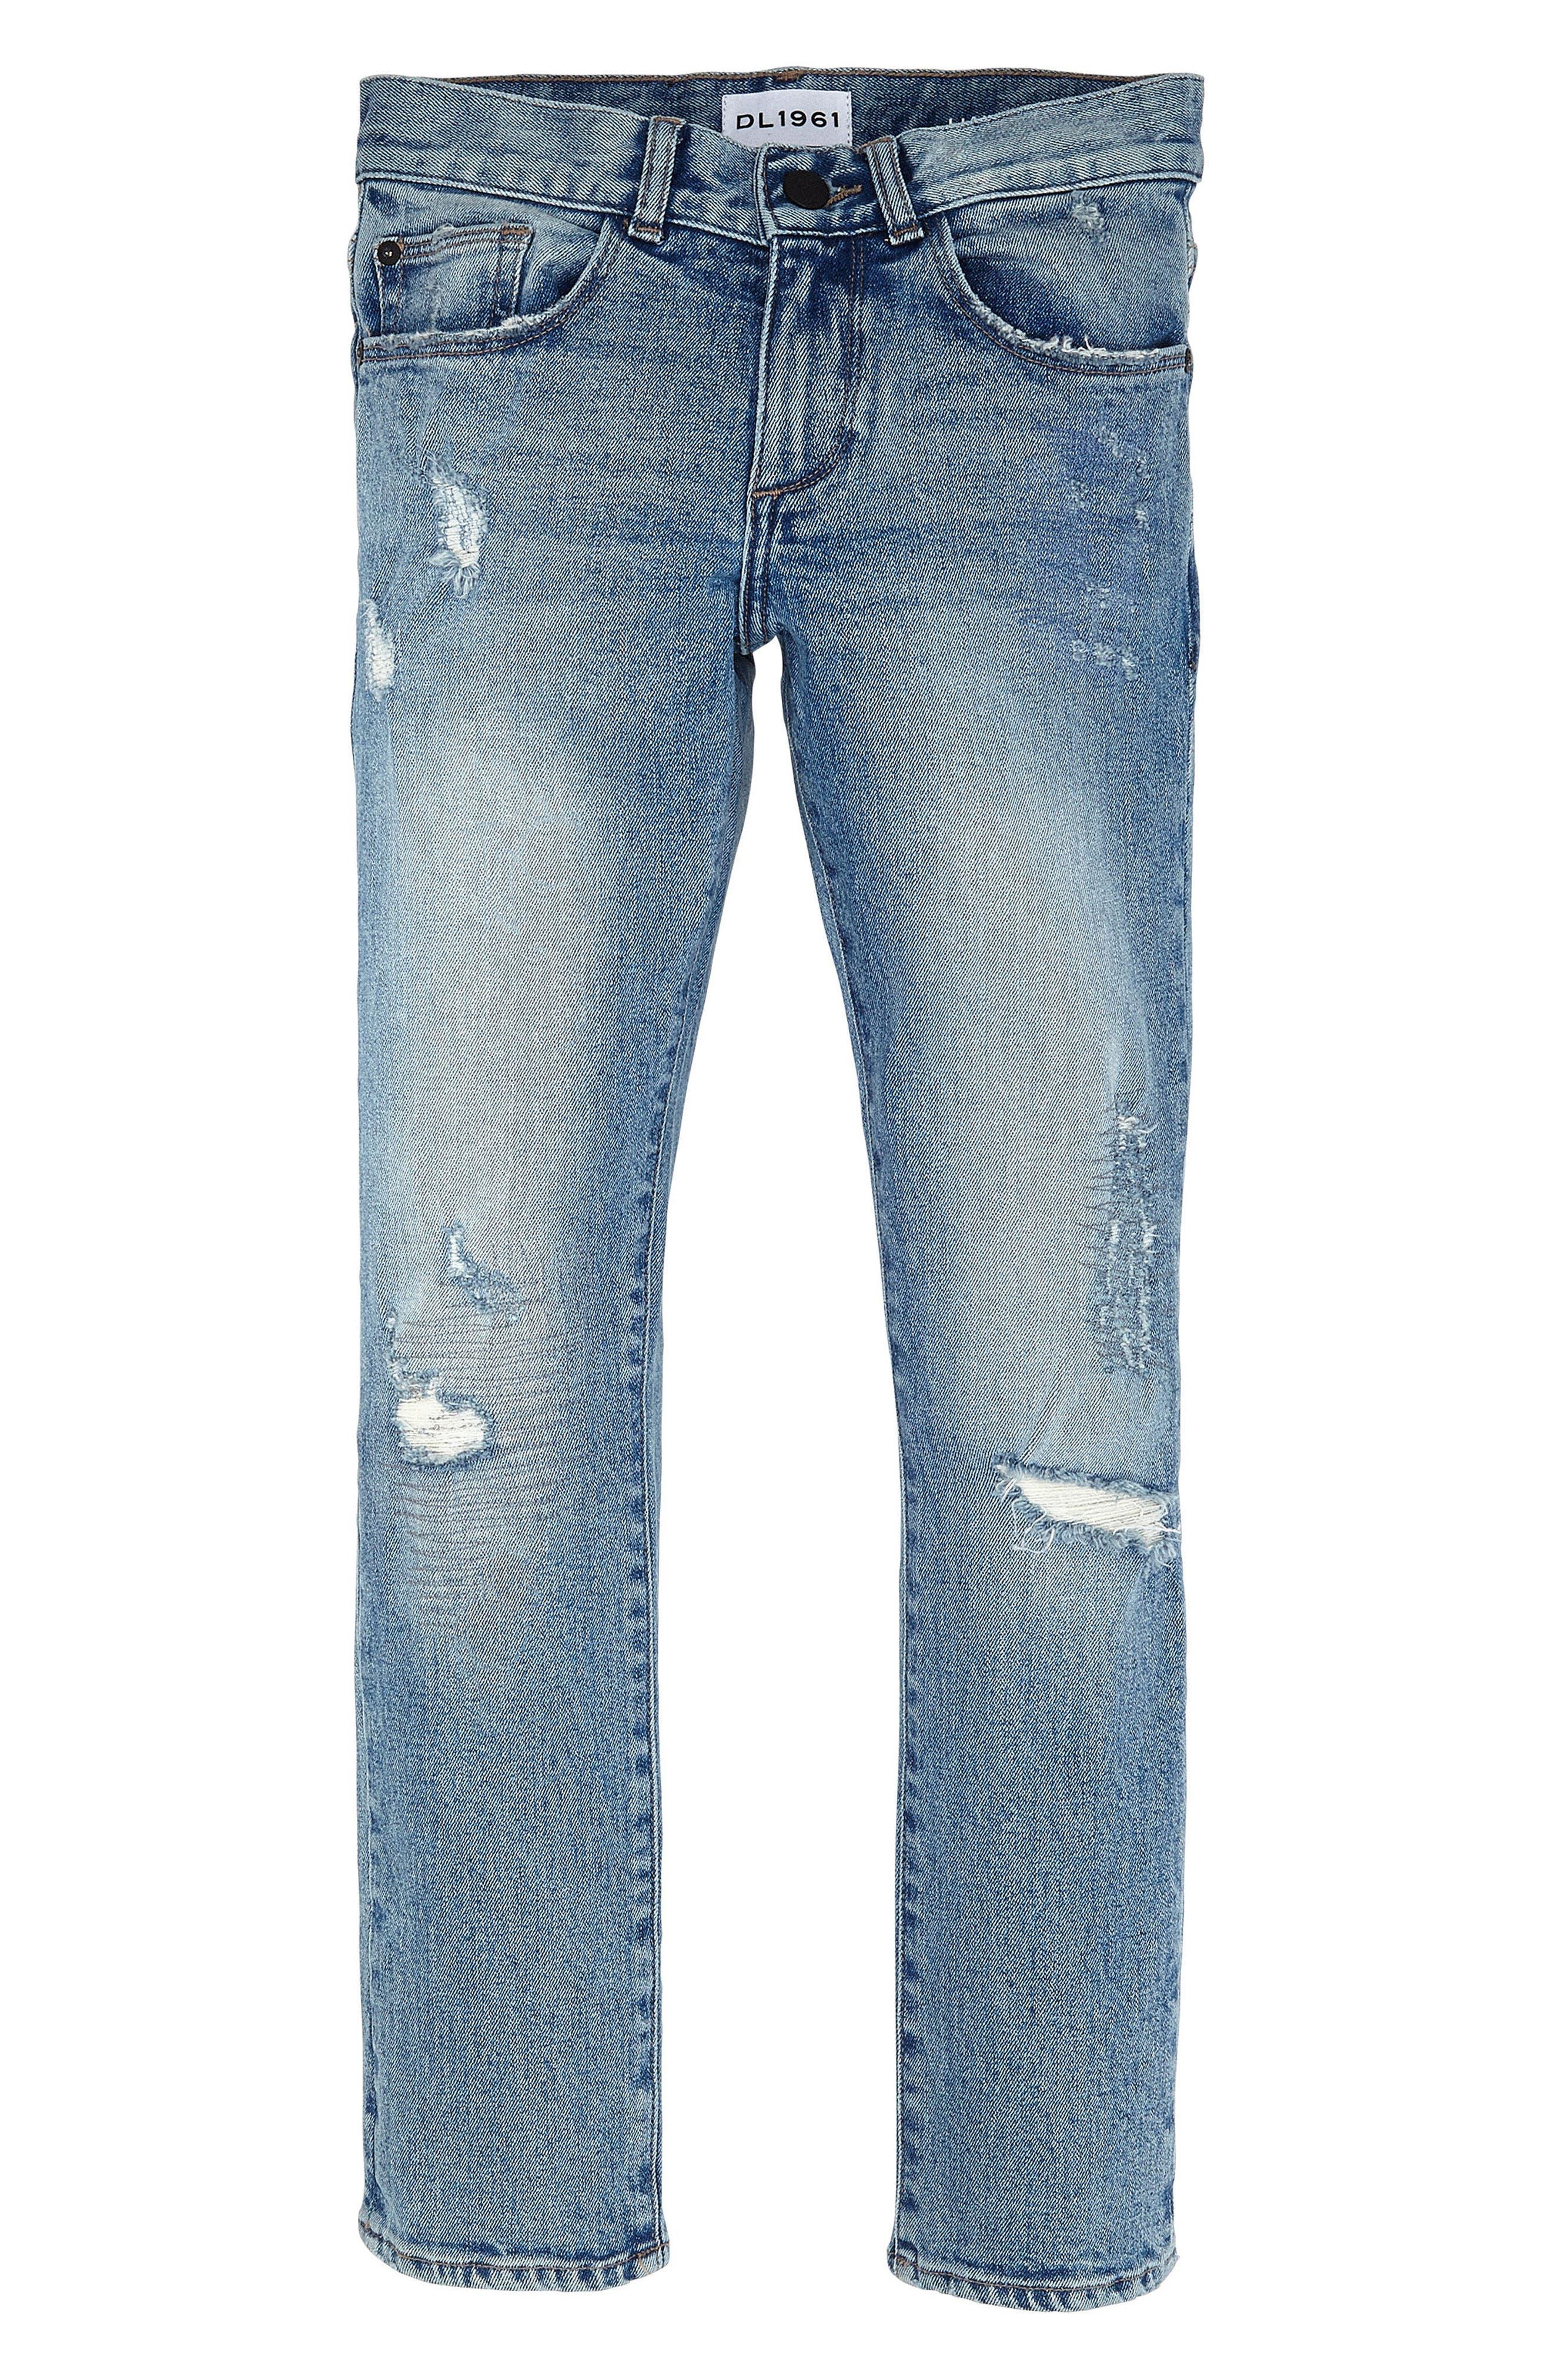 Main Image - DL1961 Hawke Skinny Fit Rip and Repair Jeans (Big Boys)